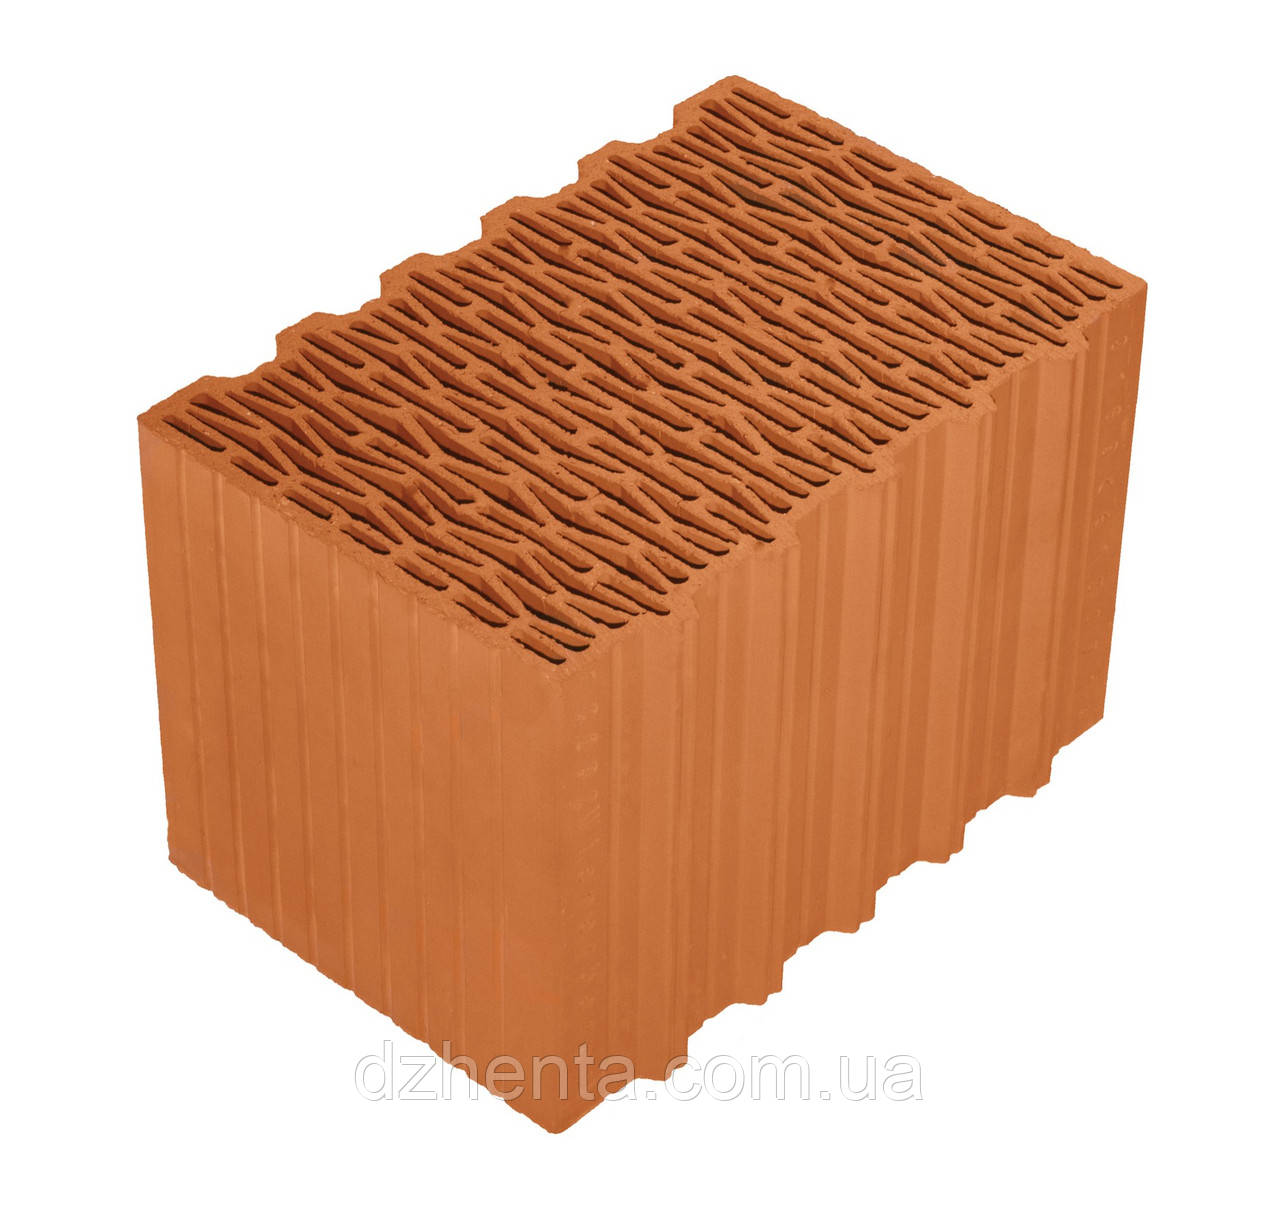 Керамический блок Porotherm 38 Klima